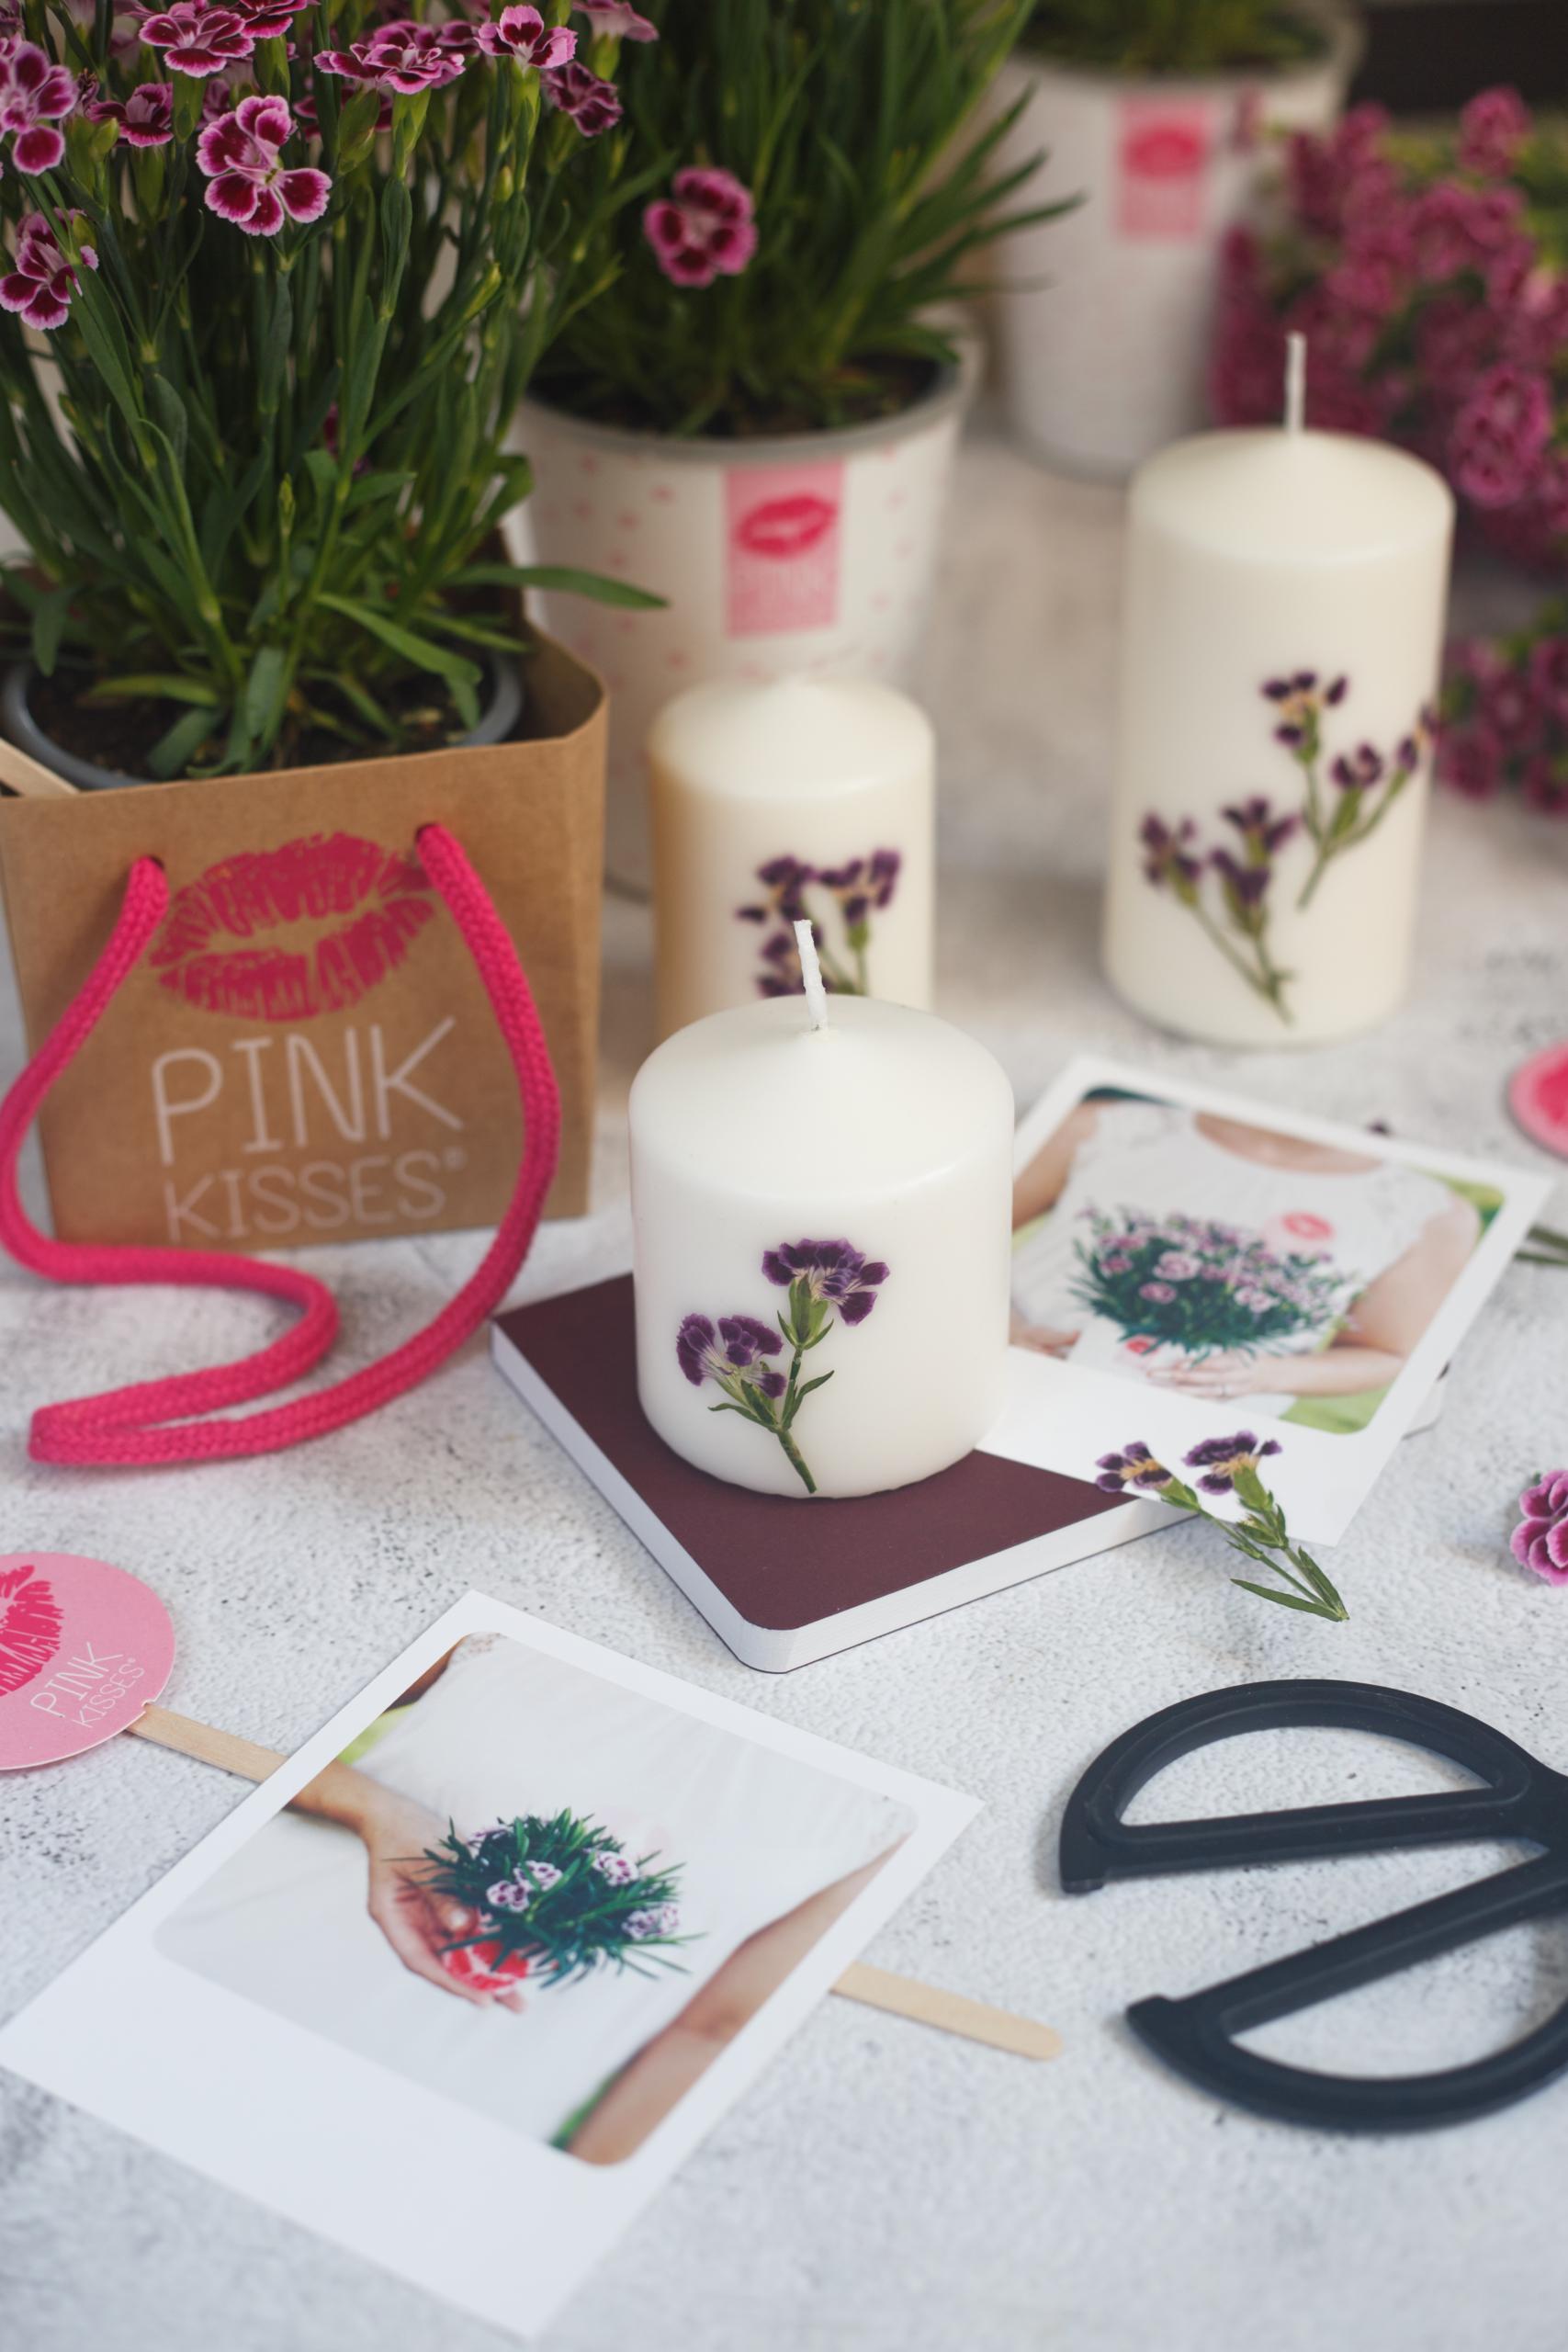 Eine Oberfläche mit Pink Kisses und DIY Kerzen mit gepressten Pink-Kisses-Blüten